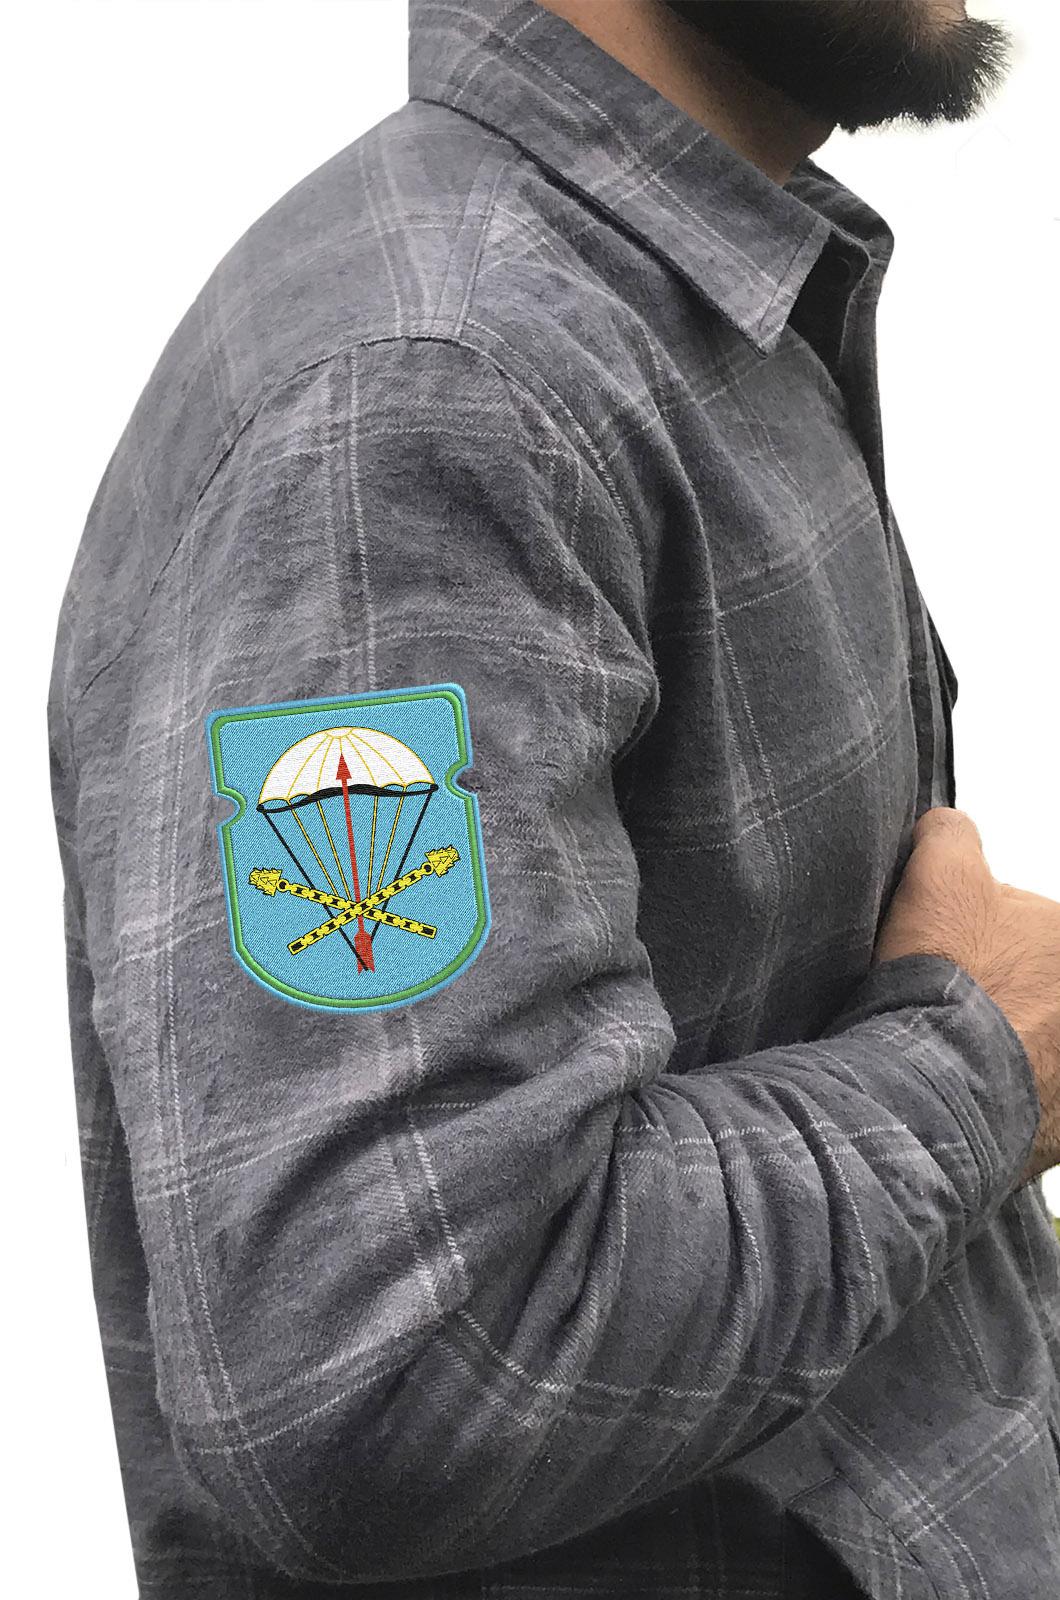 Мужская утепленная рубашка с вышитым шевроном ВДВ 116-й ОПДБ 31 гв. ОДШБр - заказать в подарок